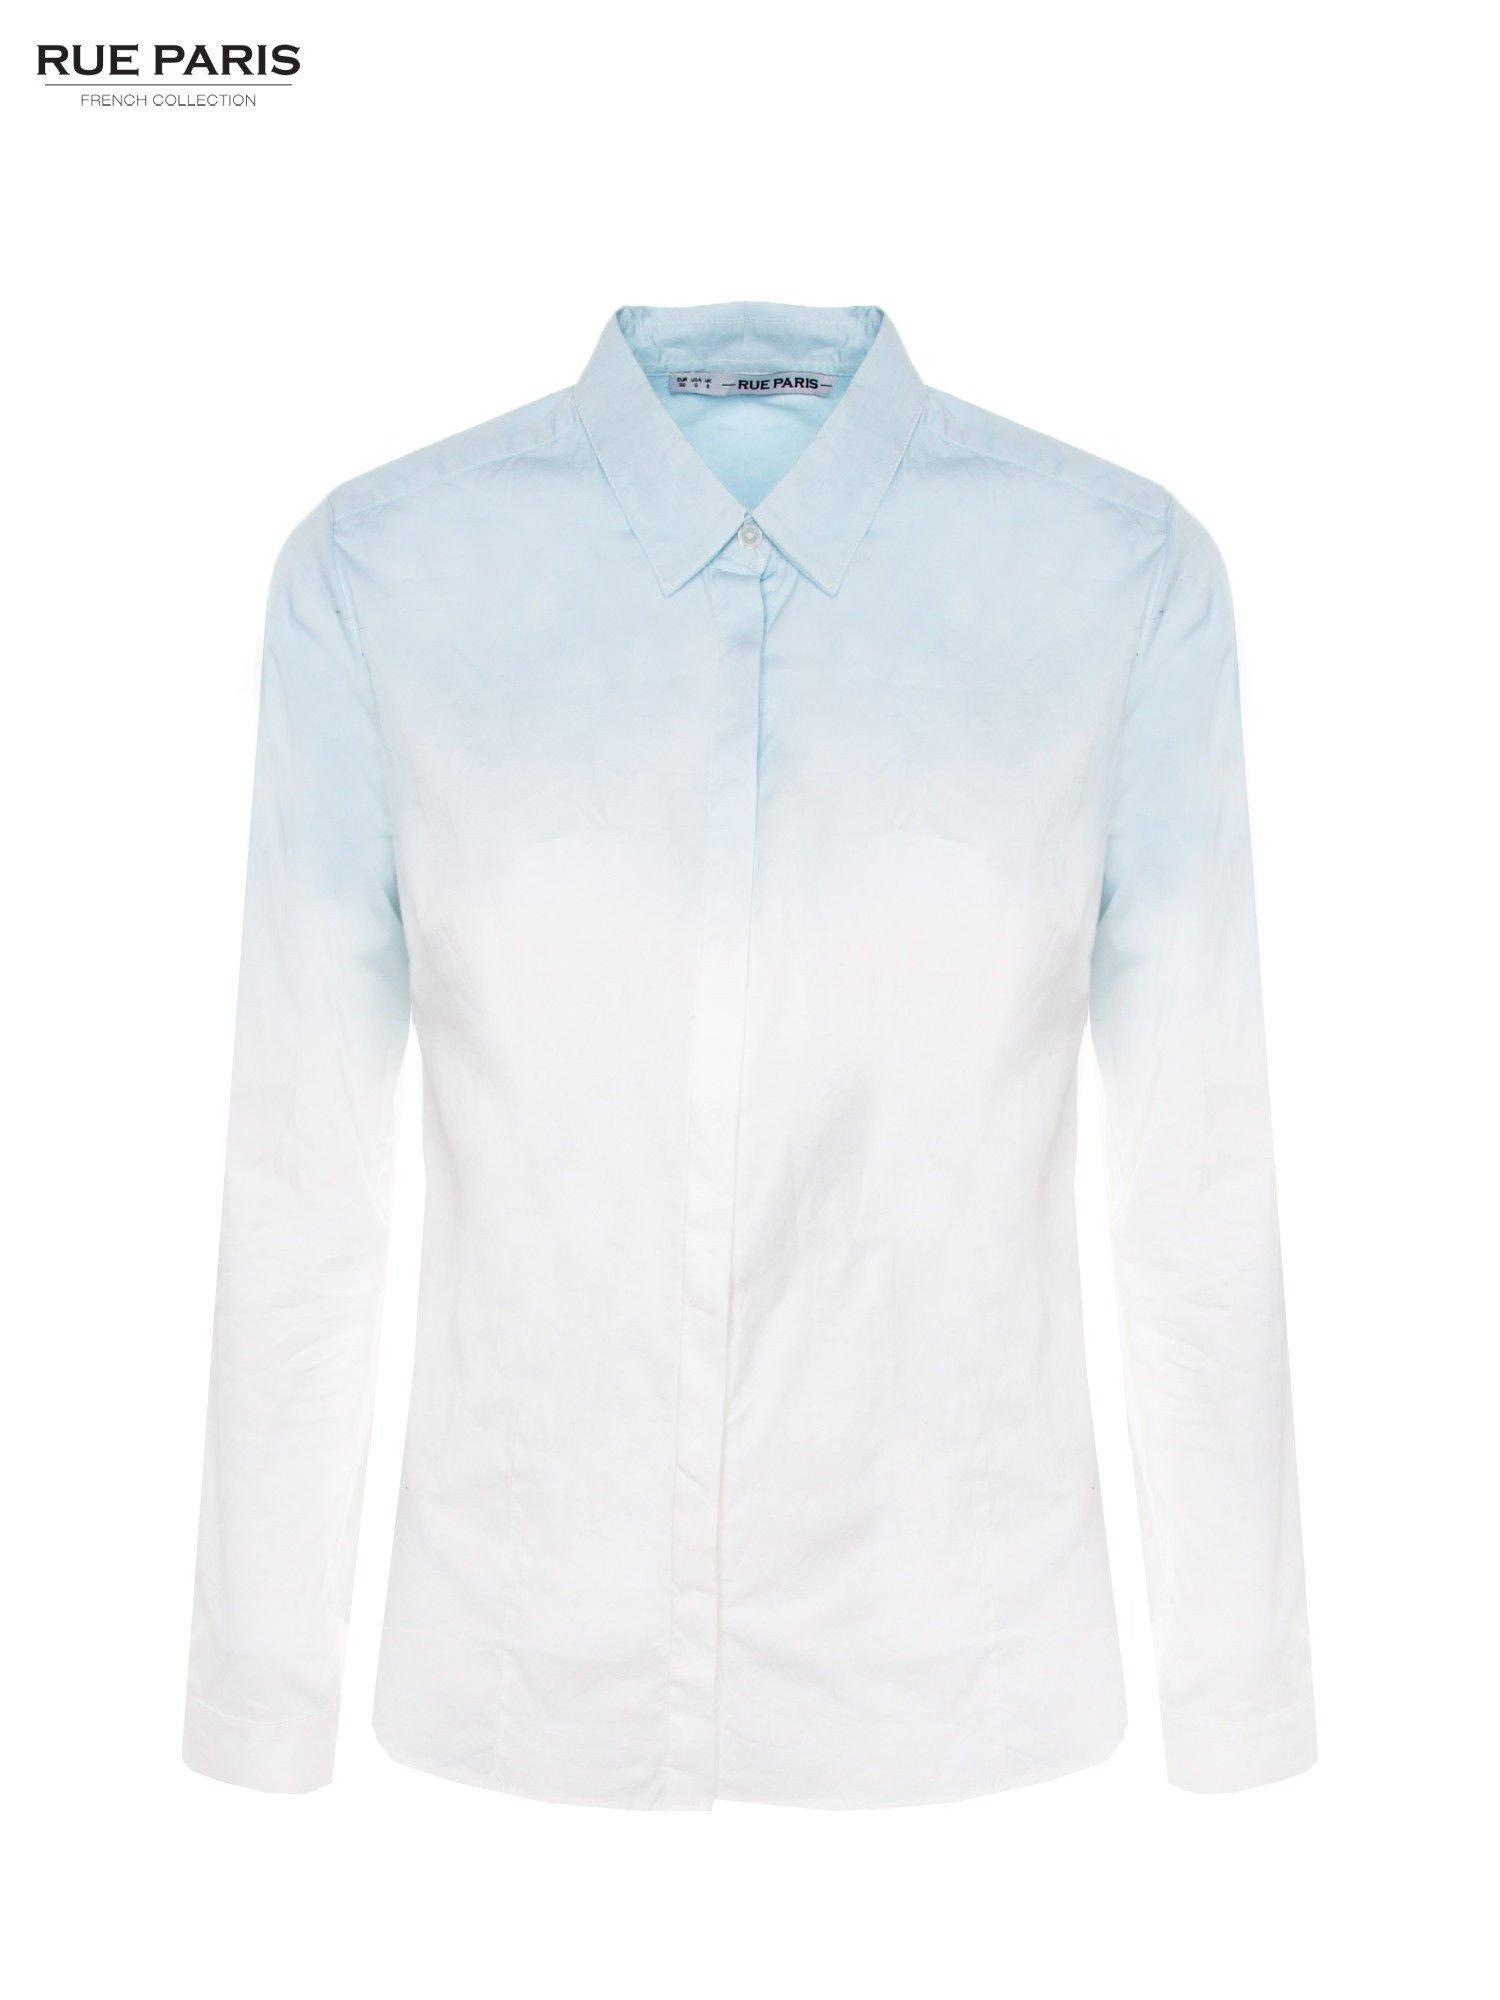 Biała koszula z efektem ombre                                  zdj.                                  2